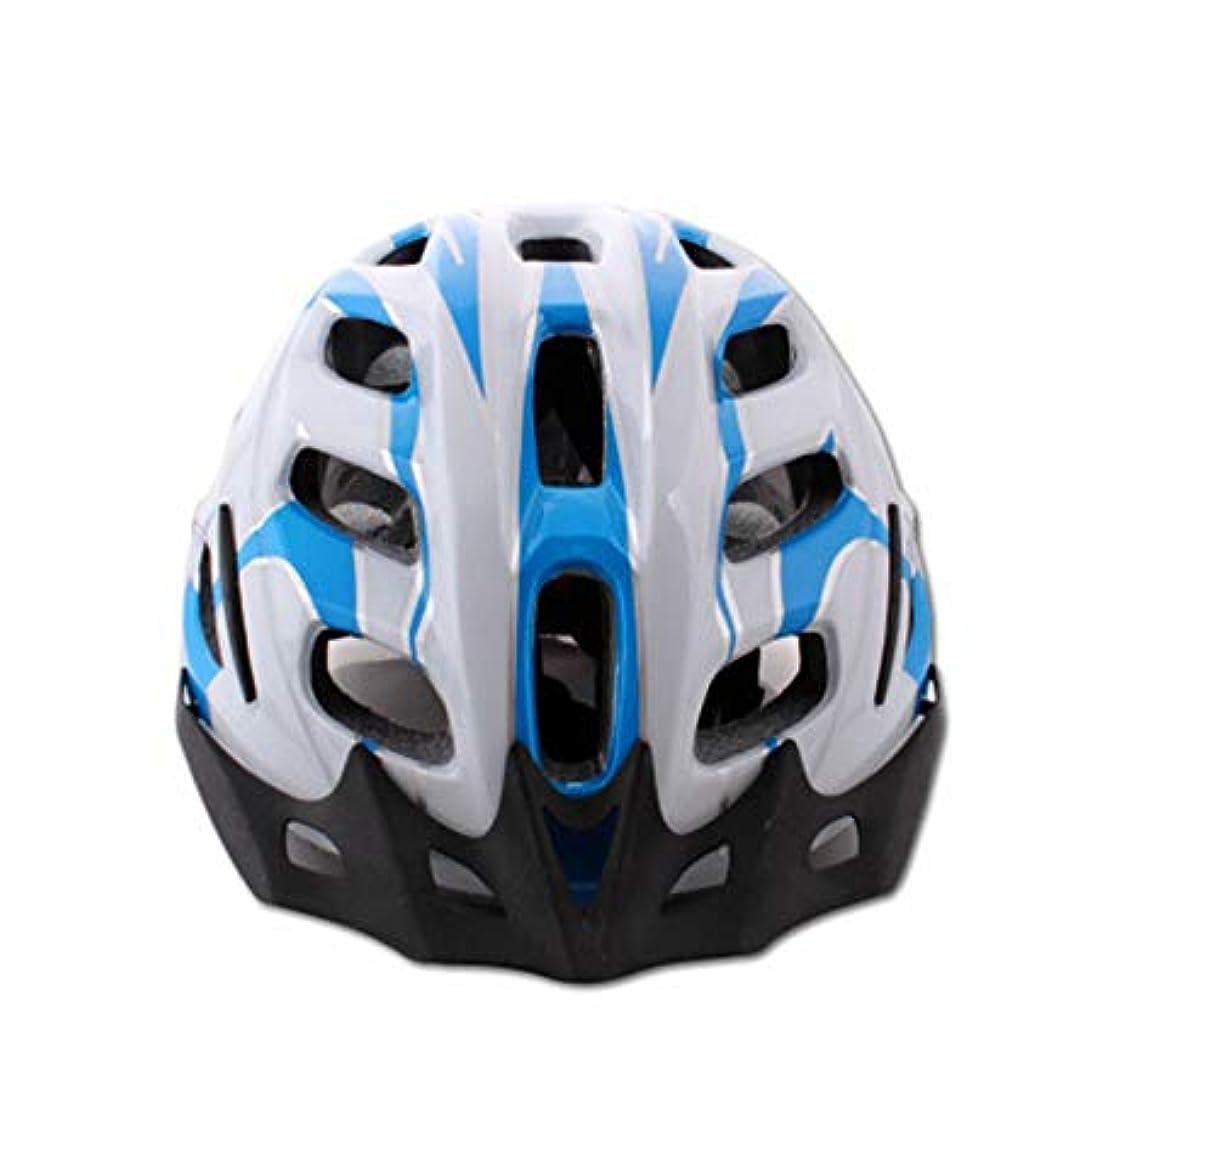 大宇宙弾薬後継自転車用ヘルメット 自転車ヘルメットストリートバイクヘルメット、あなたの頭にフィット、あなたの魂に合ったもの 男性と女性のためのロード&マウンテン (色 : 青)